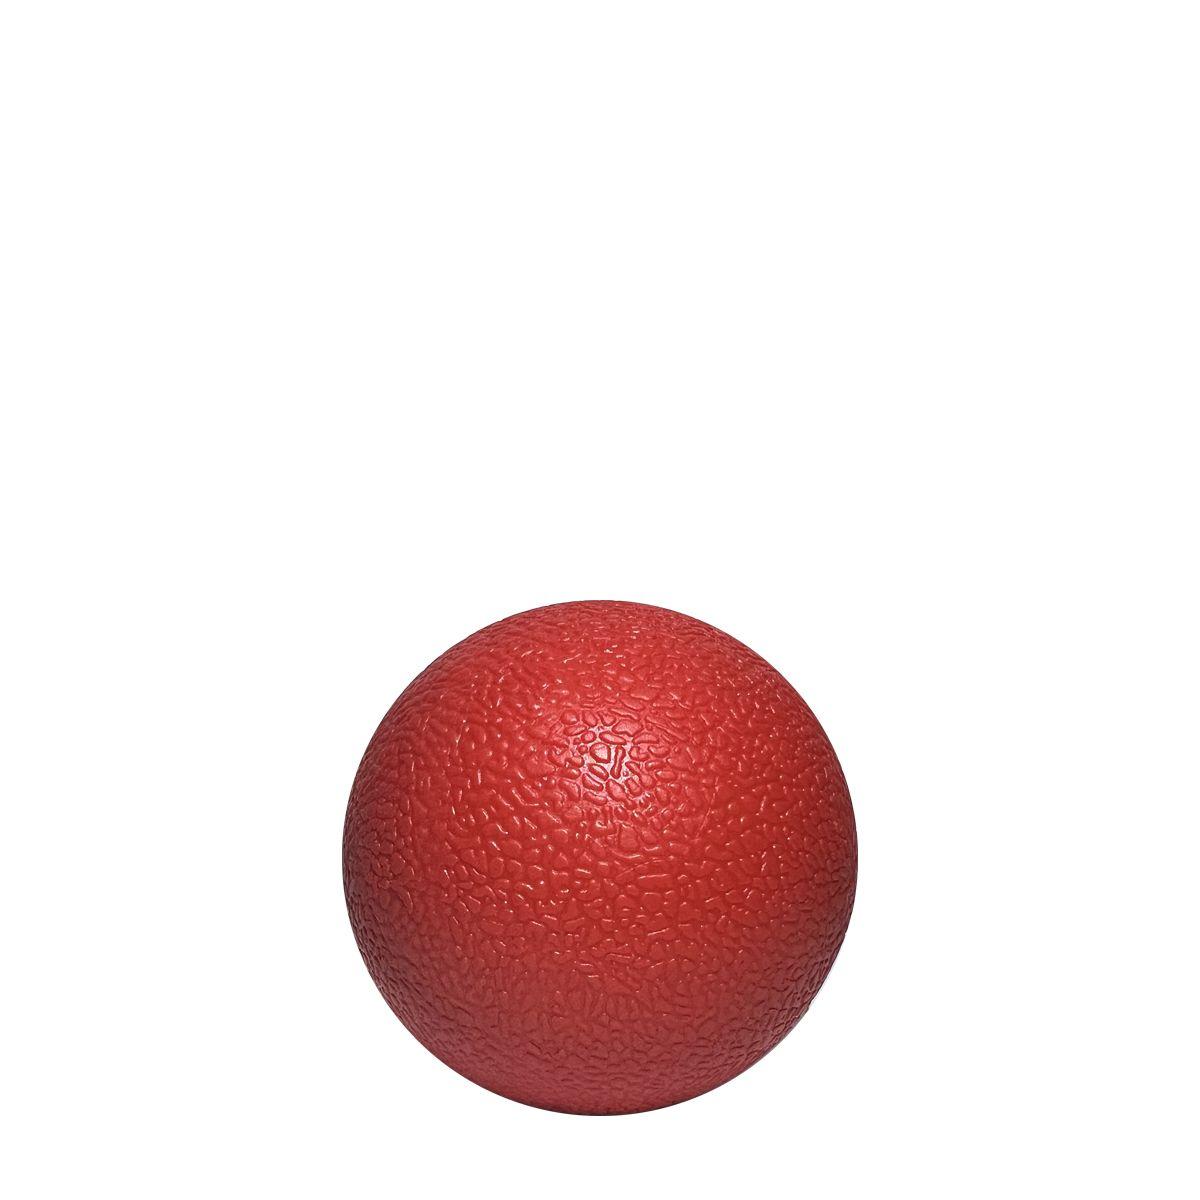 MFeFIT - SMR BALL - SMR LABDA - 6,3 CM